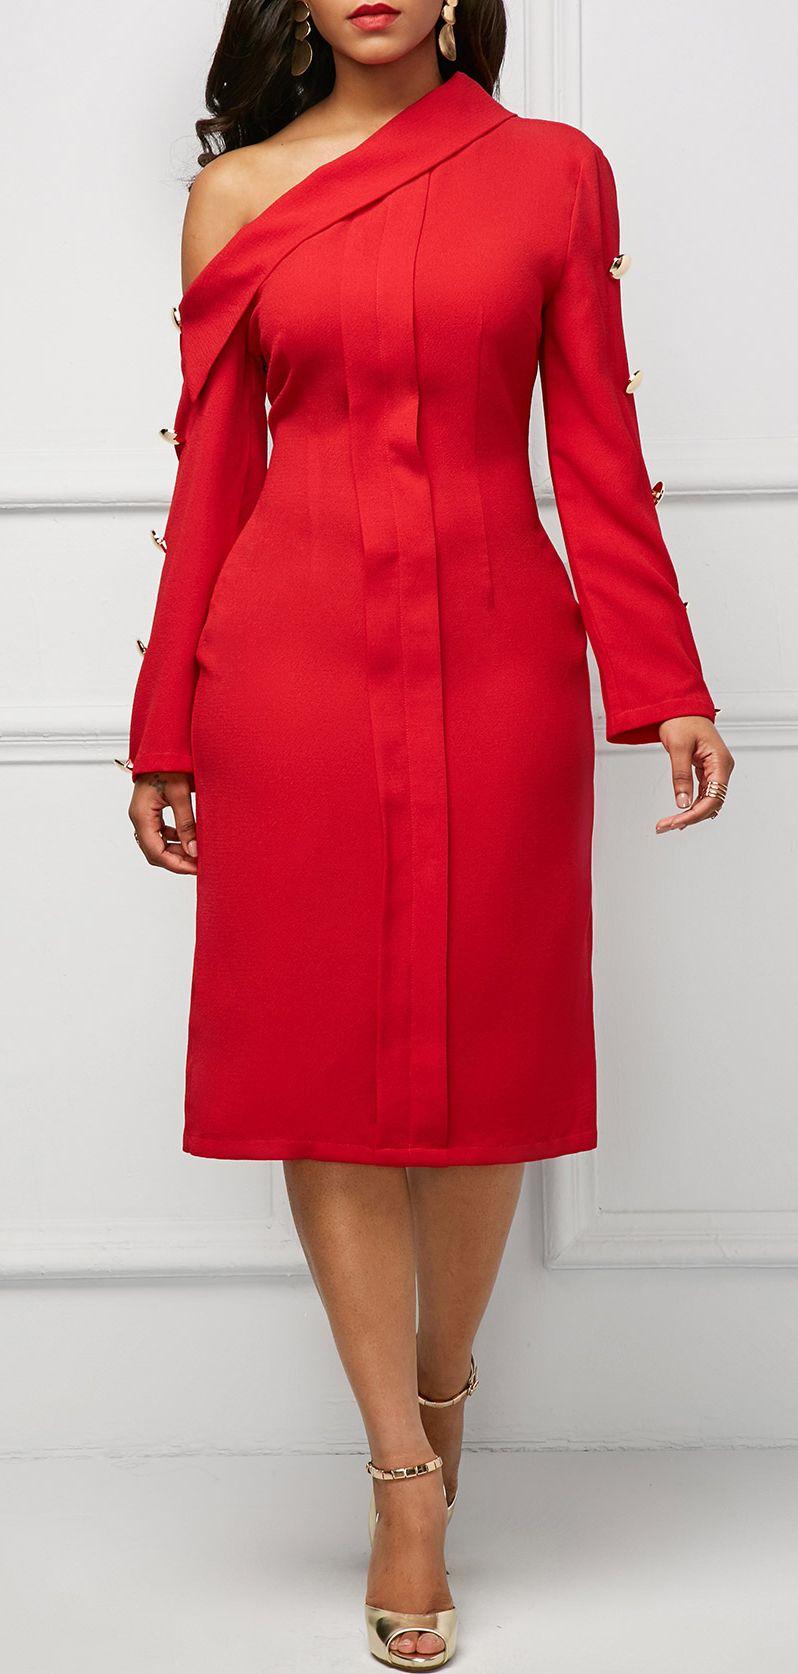 Button embellished long sleeve skew neck dress christmasred